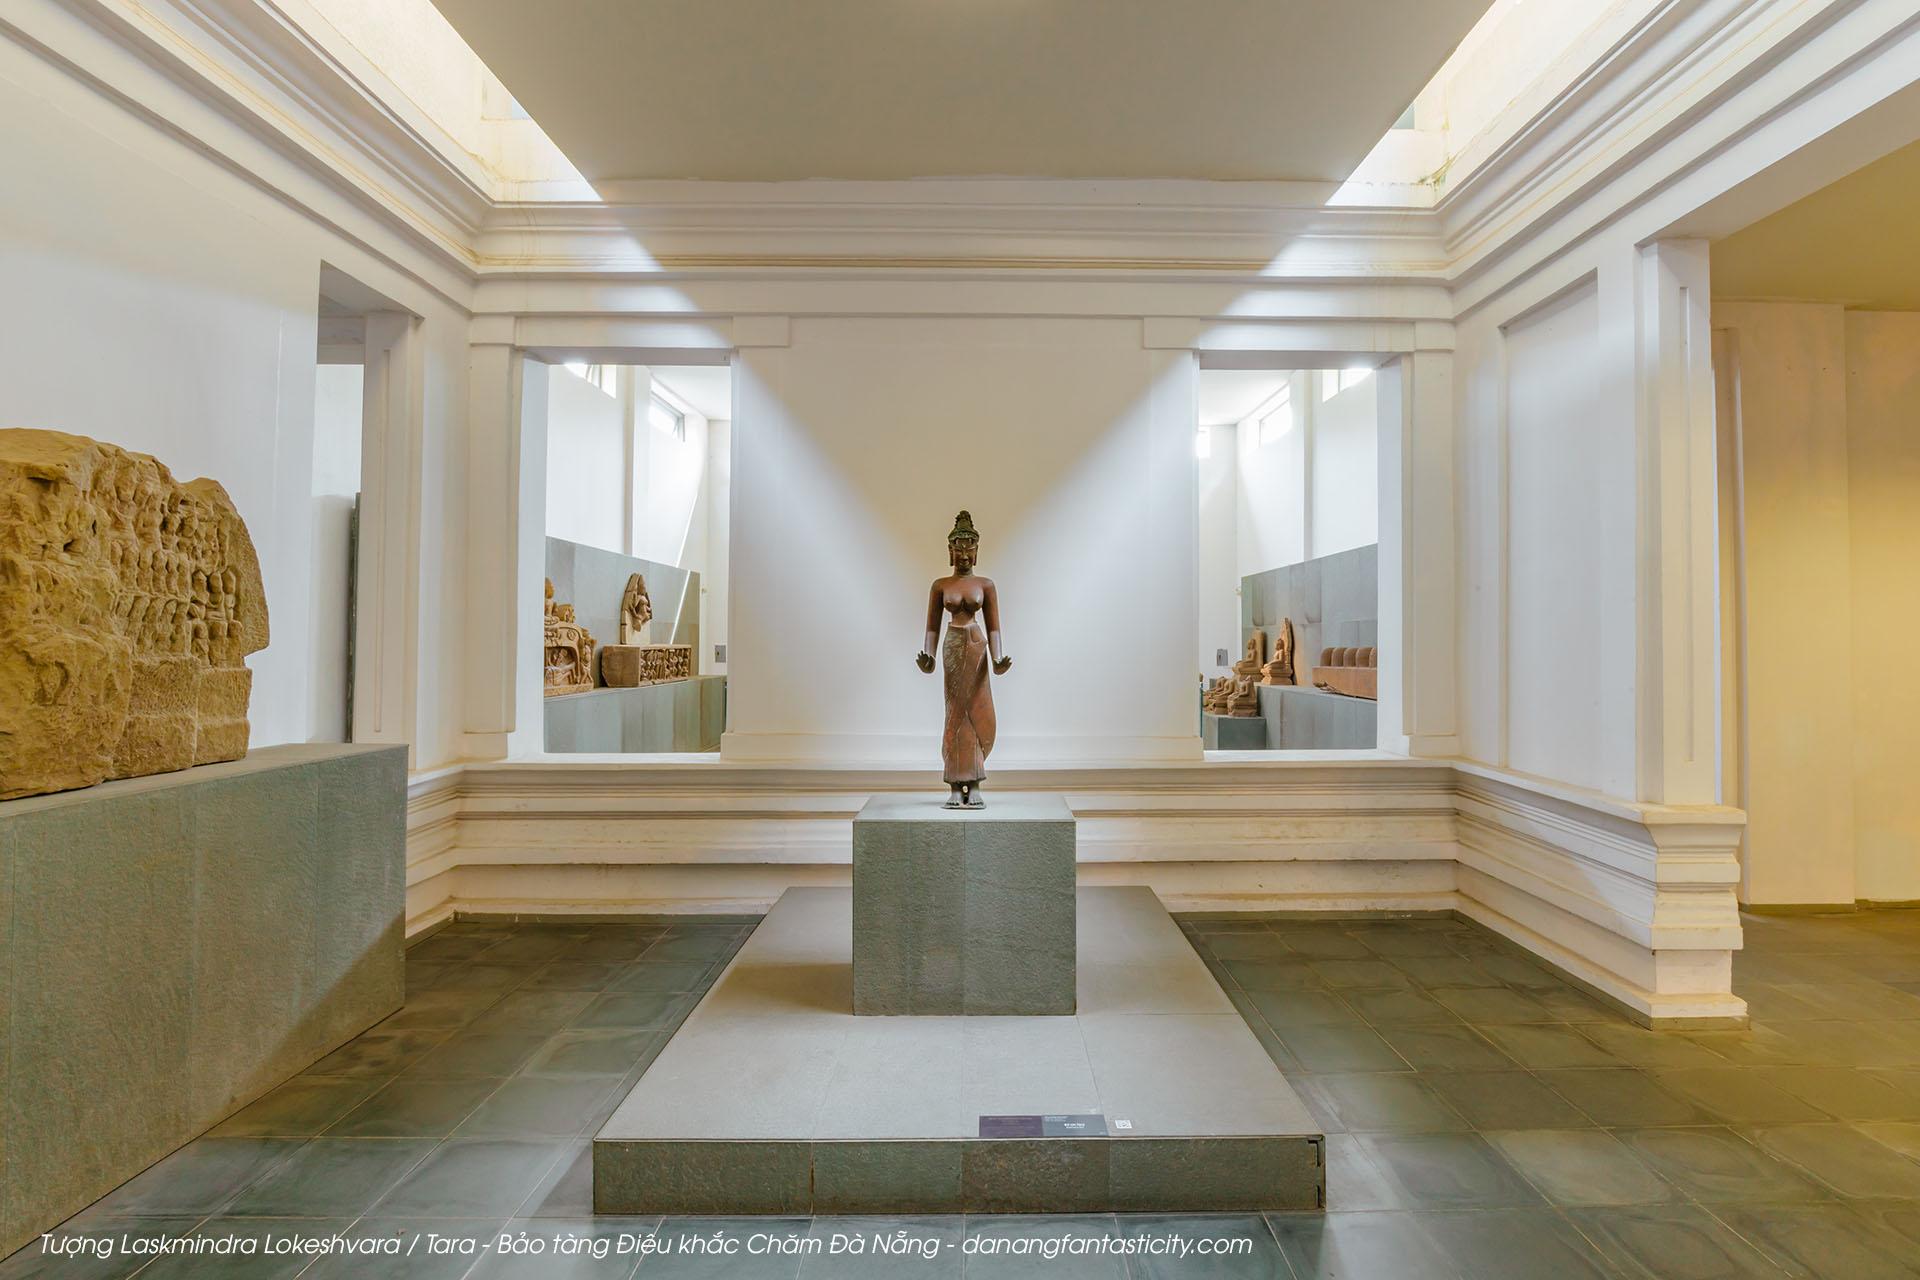 Tuong Laskmindra Lokeshvara Tara Bao Tang Dieu Khac Cham Danang Fantasticity Com